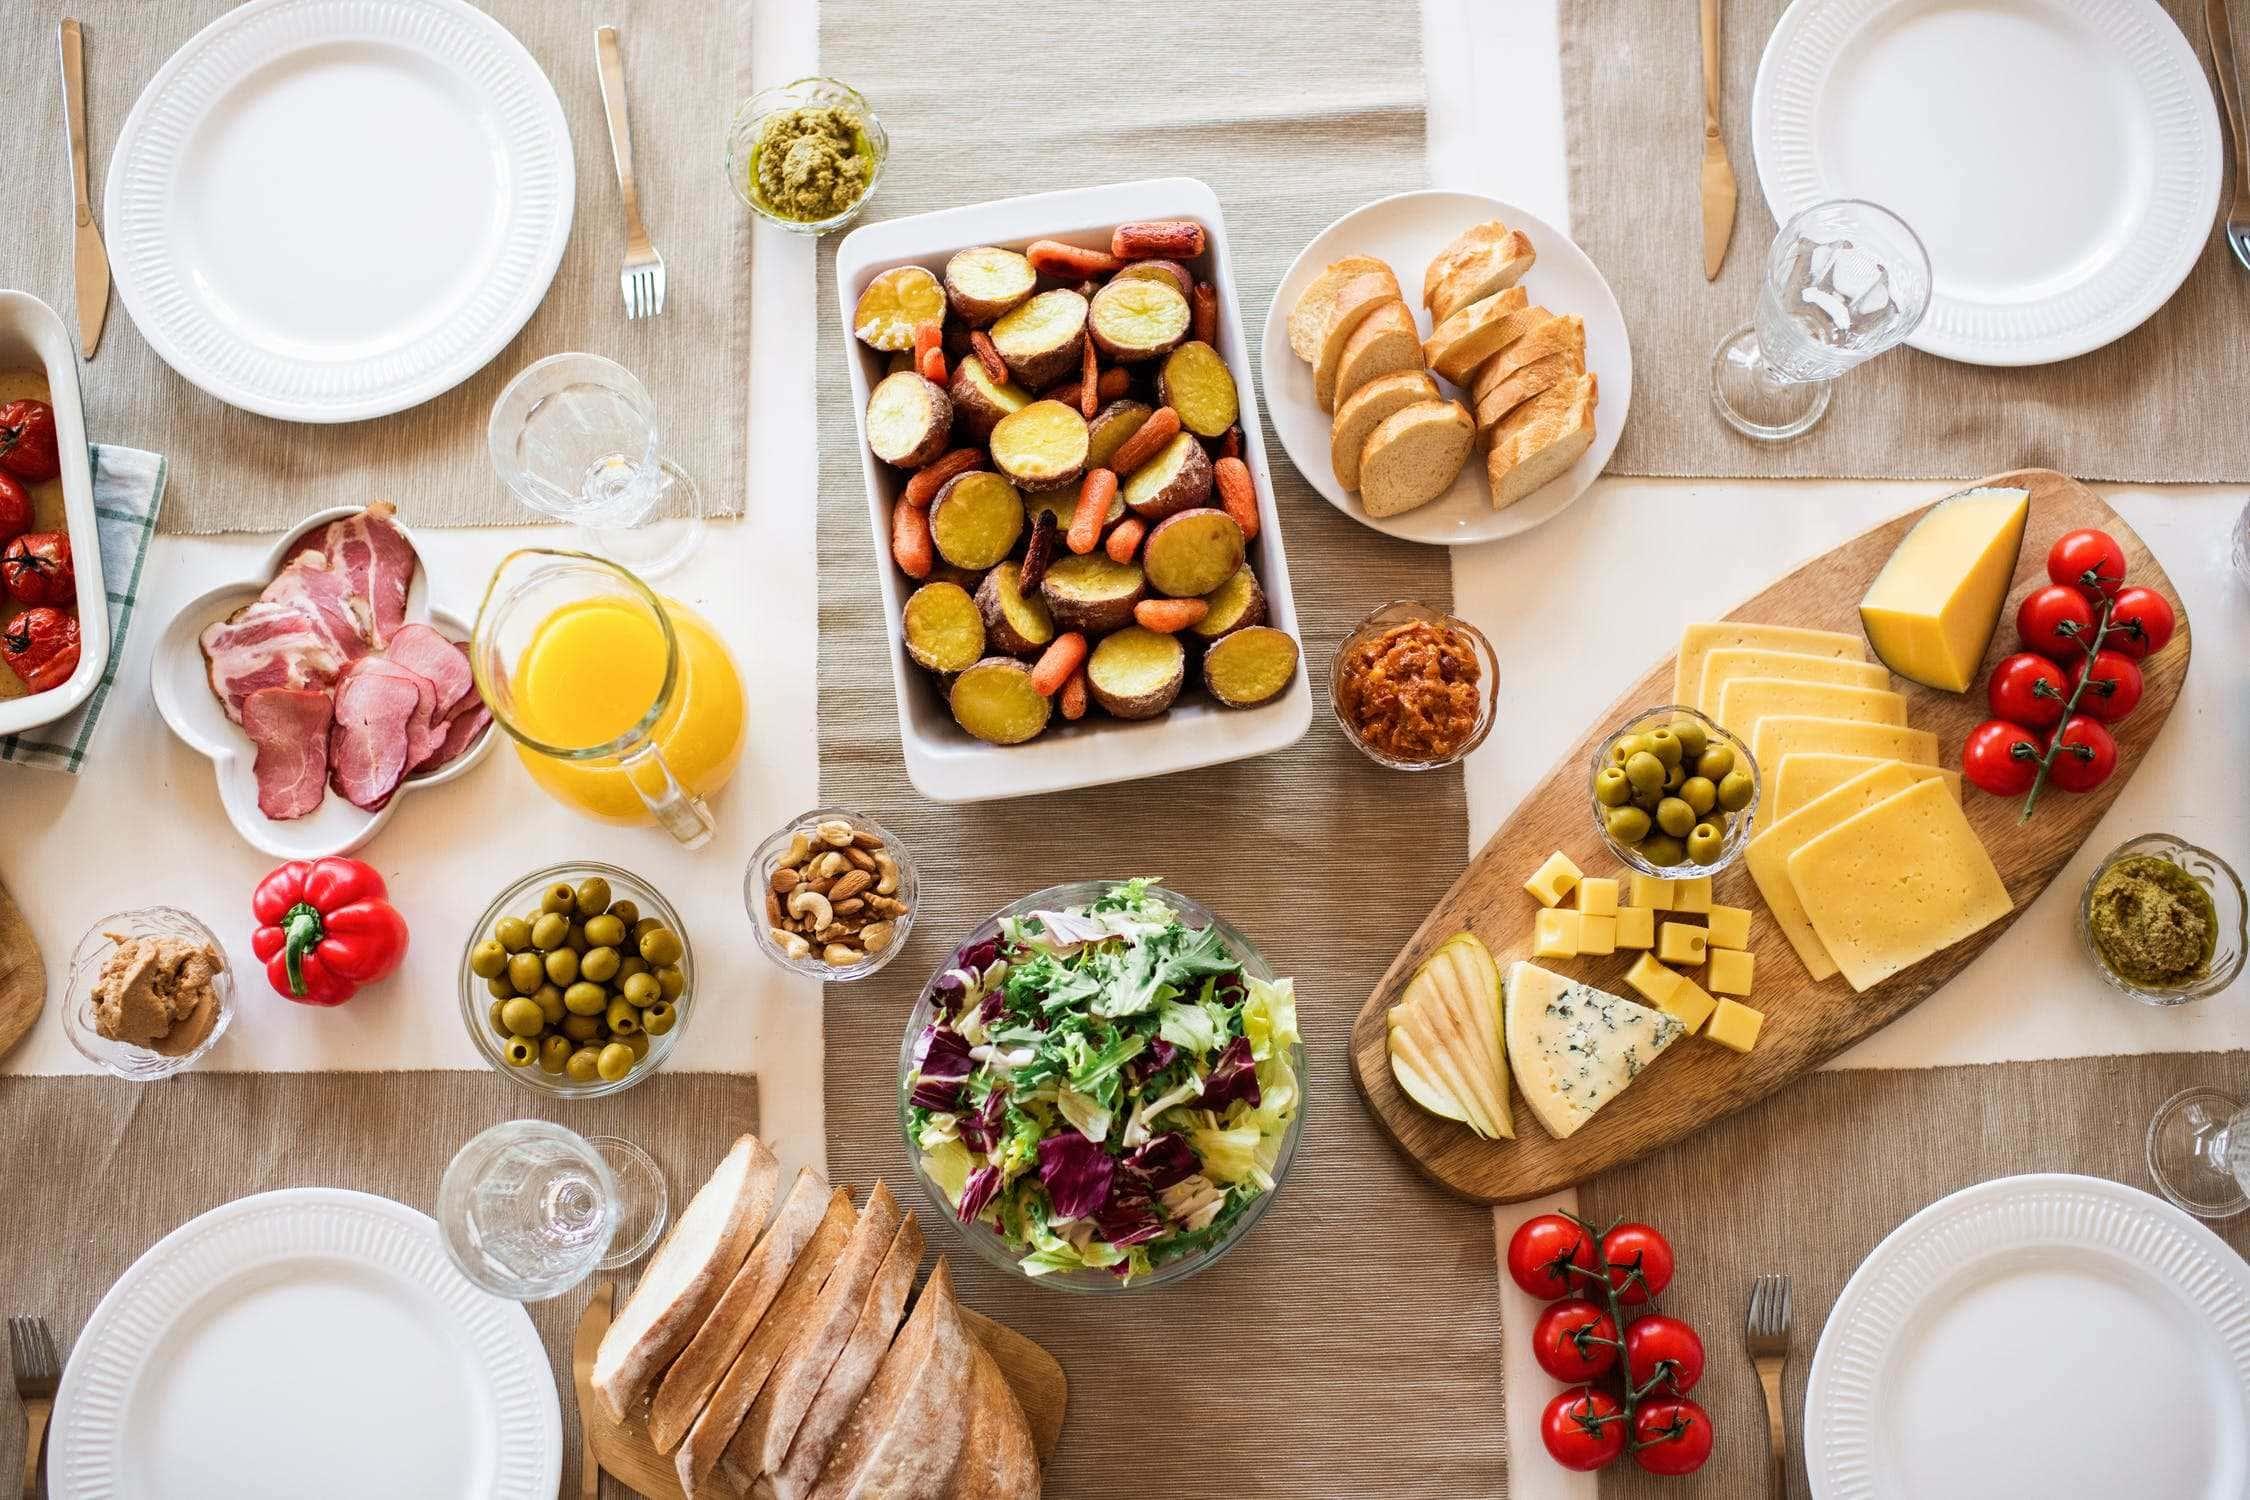 4 platos típicos de España disponibles en Gastronomic Spain